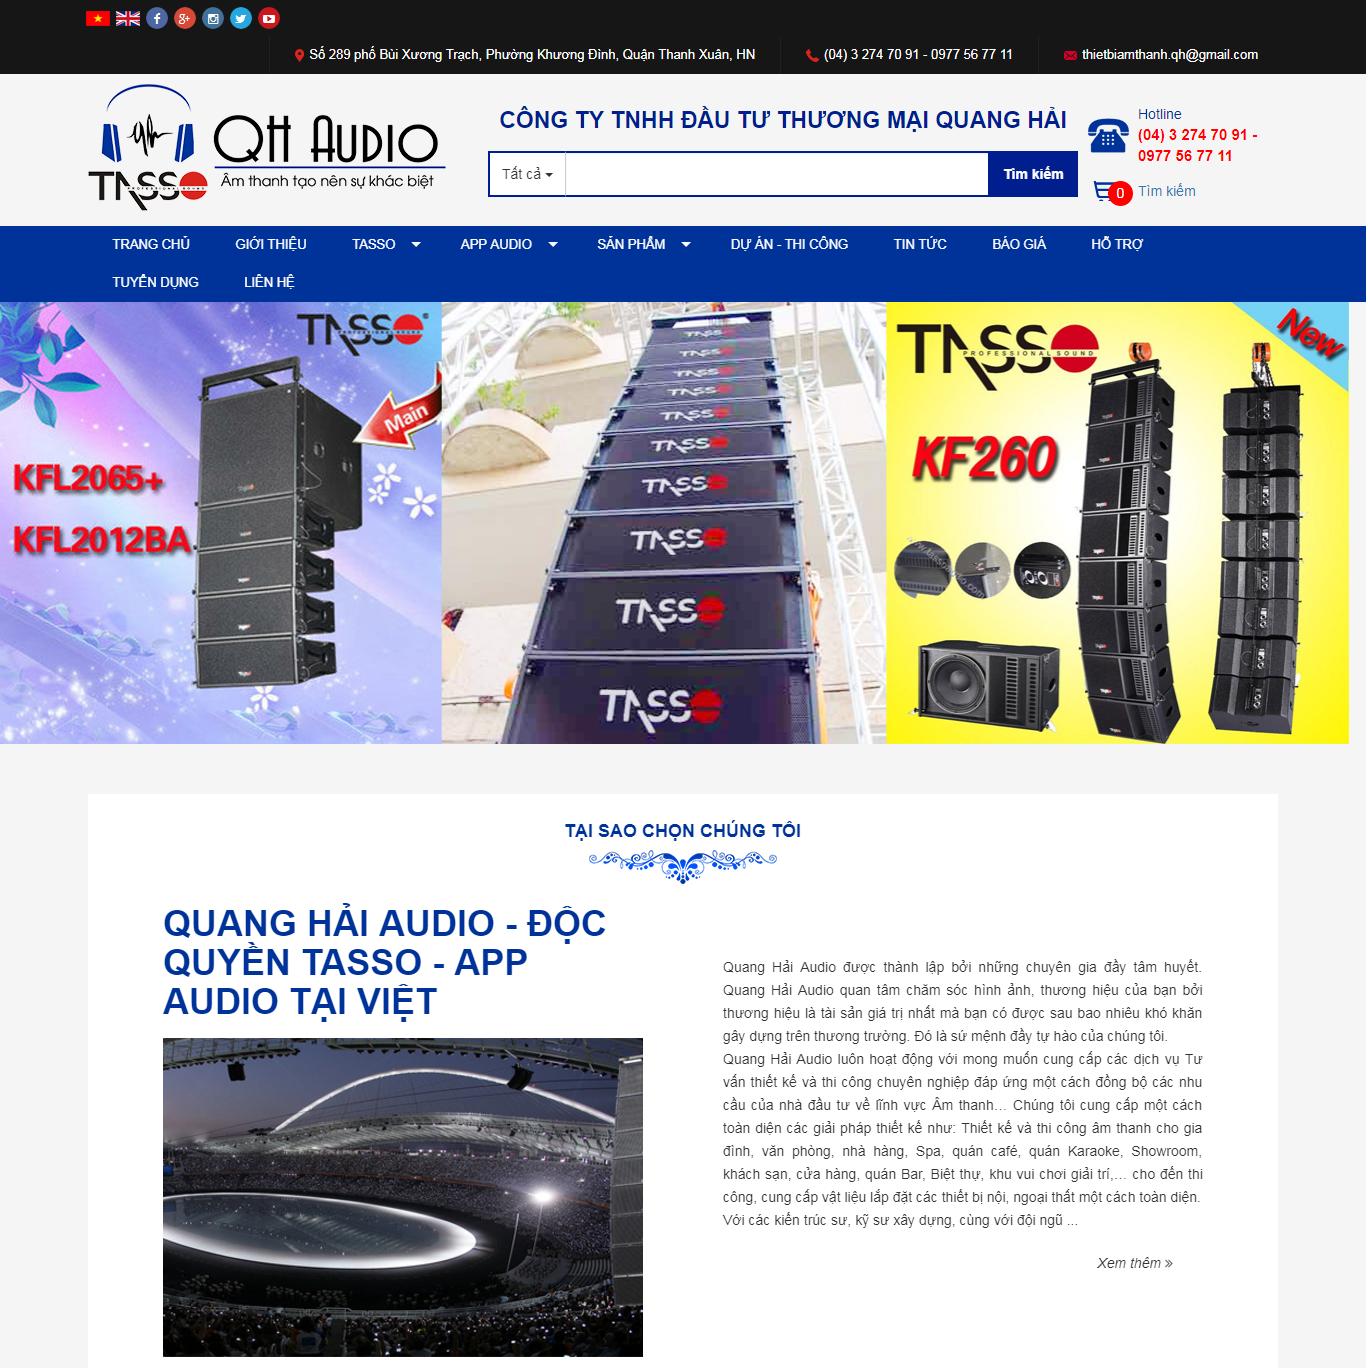 Công ty TNHH đầu tư thương mại Quang Hải